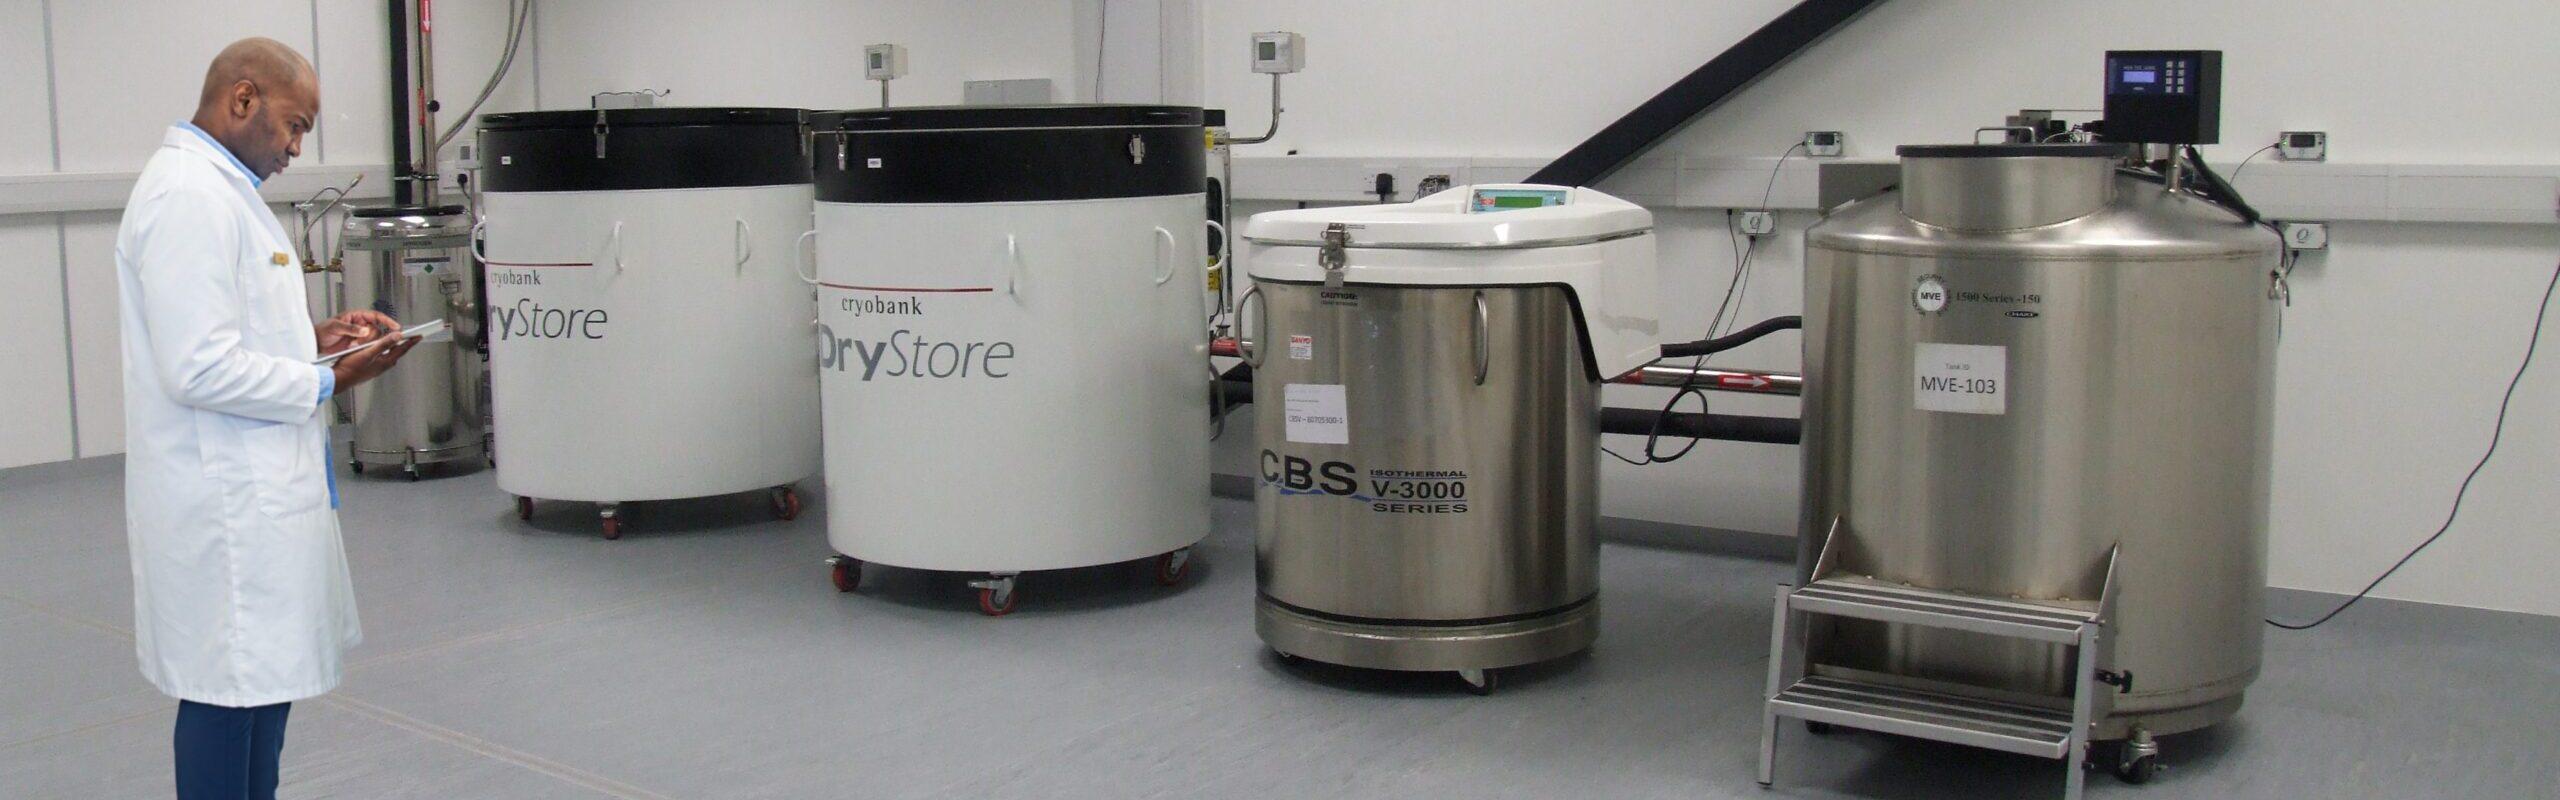 storing liquid nitrogen safely